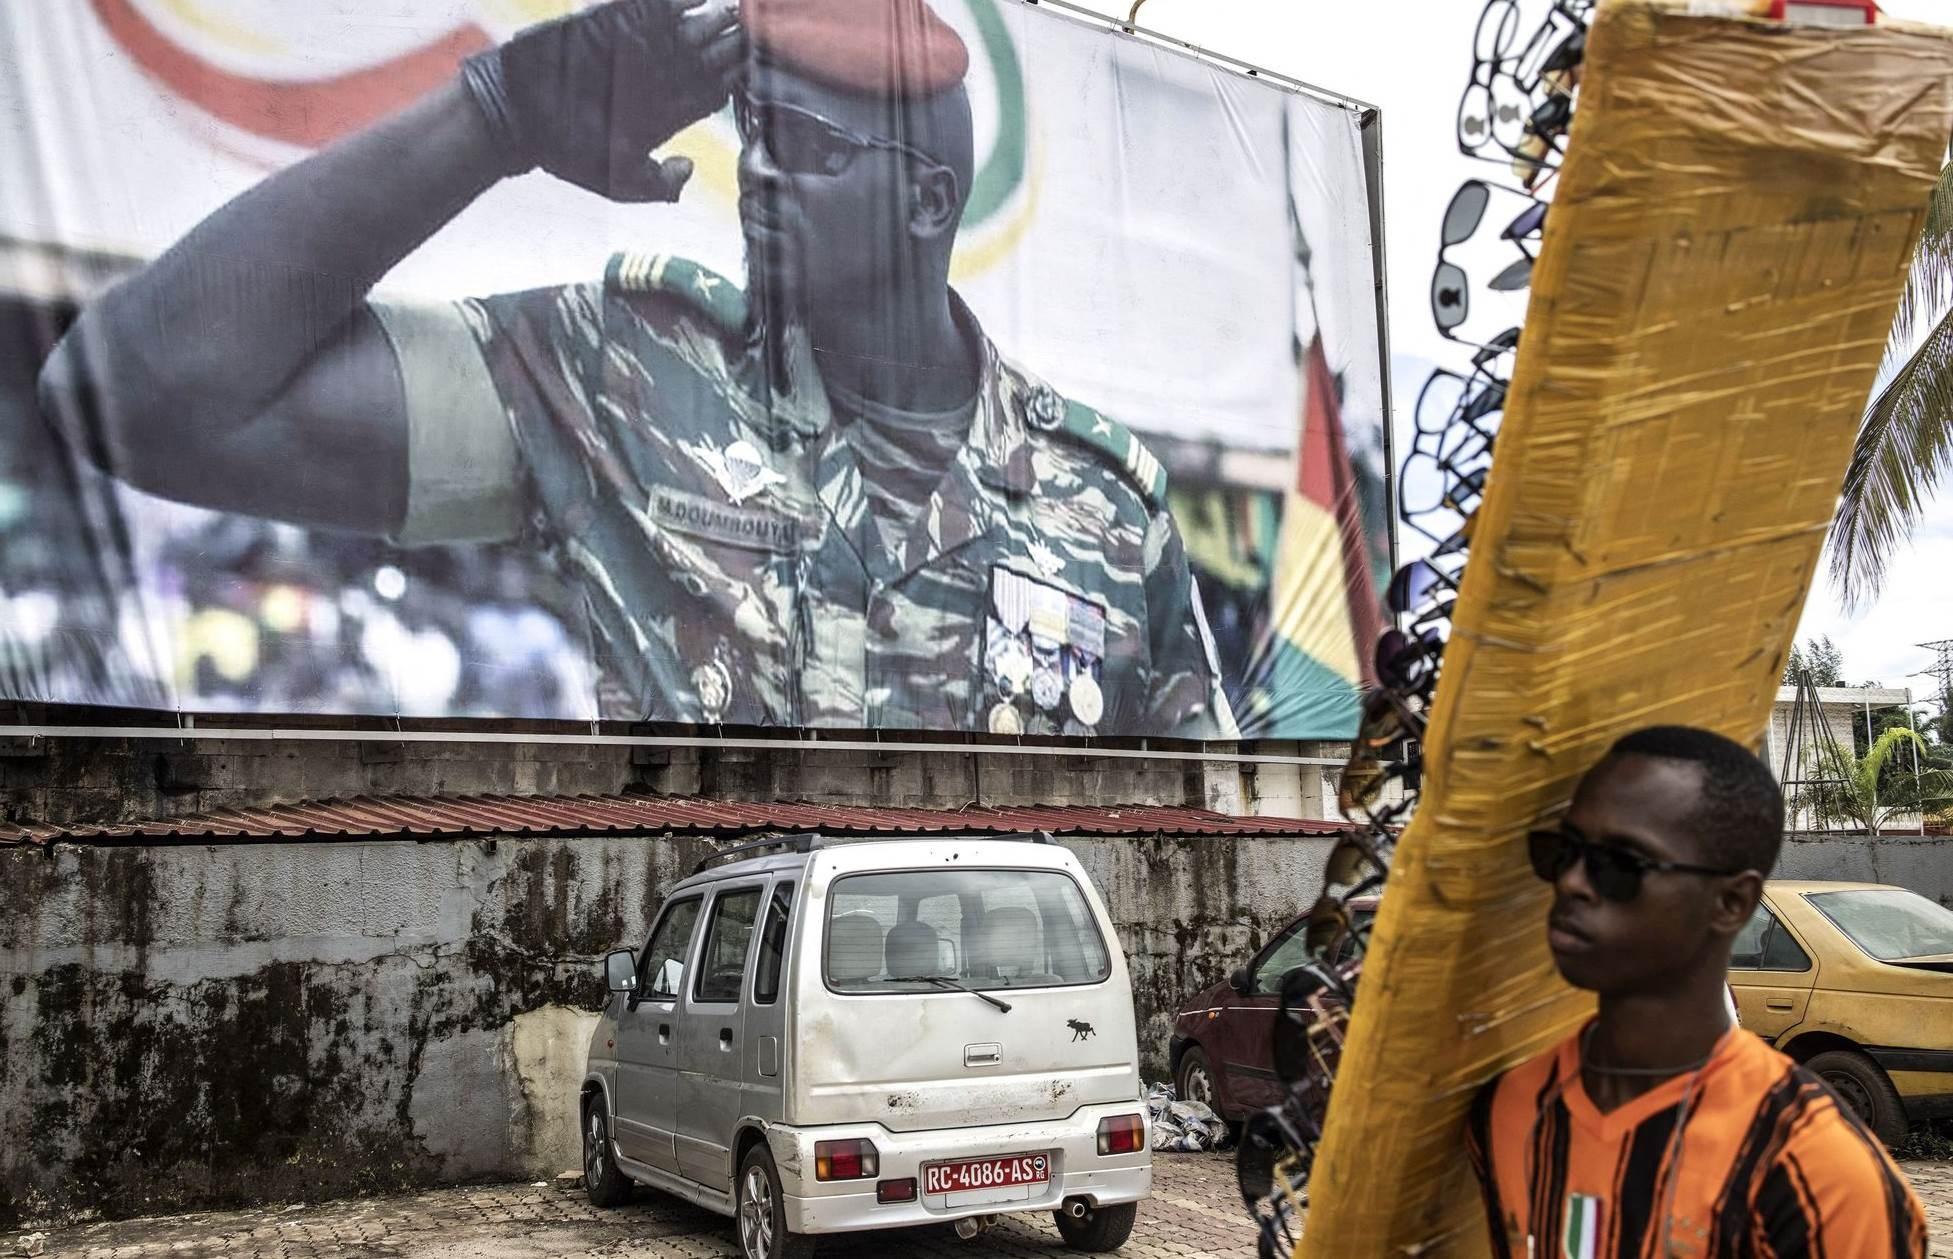 Anuncia junta militar guineana creación de gobierno civil